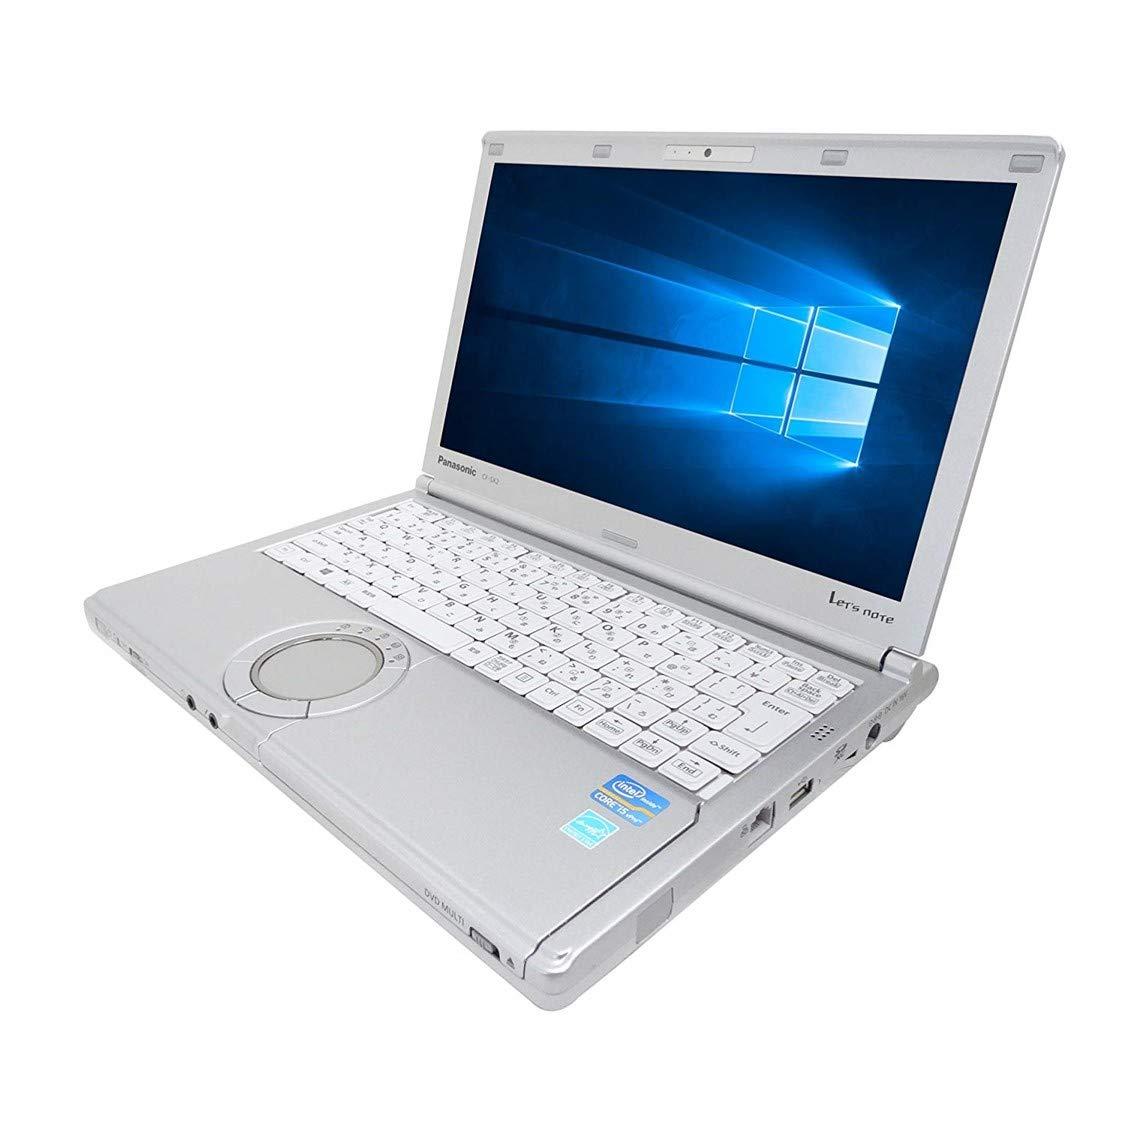 公式の店舗 【Microsoft i5 新品SSD:240GB Office 2016搭載】【Win Office 10搭載】Panasonic CF-SX2/第三世代Core i5 2.5GHz/大容量メモリー8GB/新品SSD:240GB/DVDスーパーマルチ/12インチワイド液晶/無線搭載/HDMI/USB3.0/中古ノートパソコン (新品SSD:240GB) B07B479BPD 新品SSD:240GB, はぐまむ hugmamu:b61dd1ed --- arbimovel.dominiotemporario.com